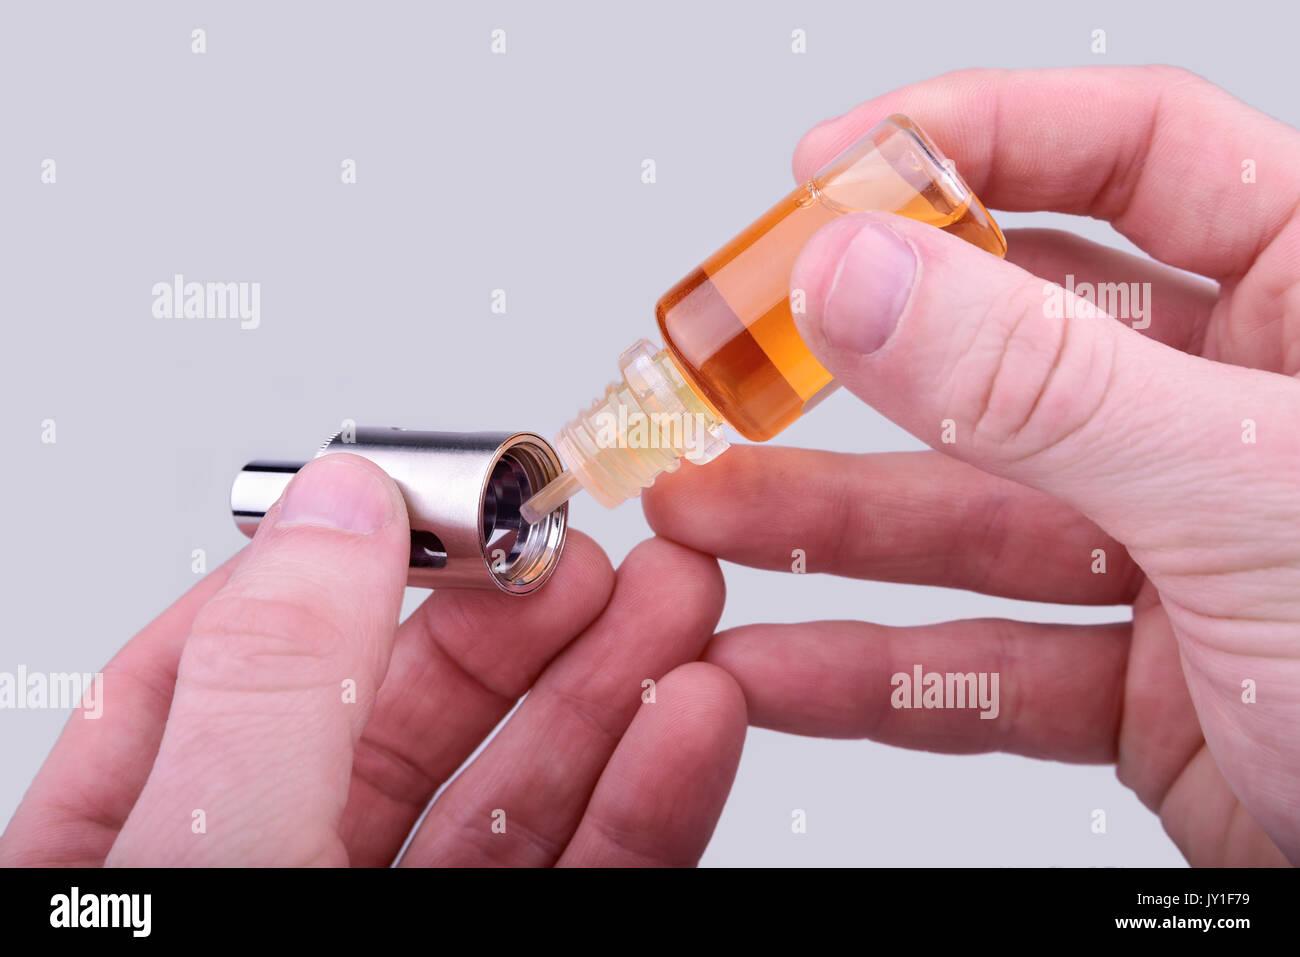 Scientific studies on e cigarettes